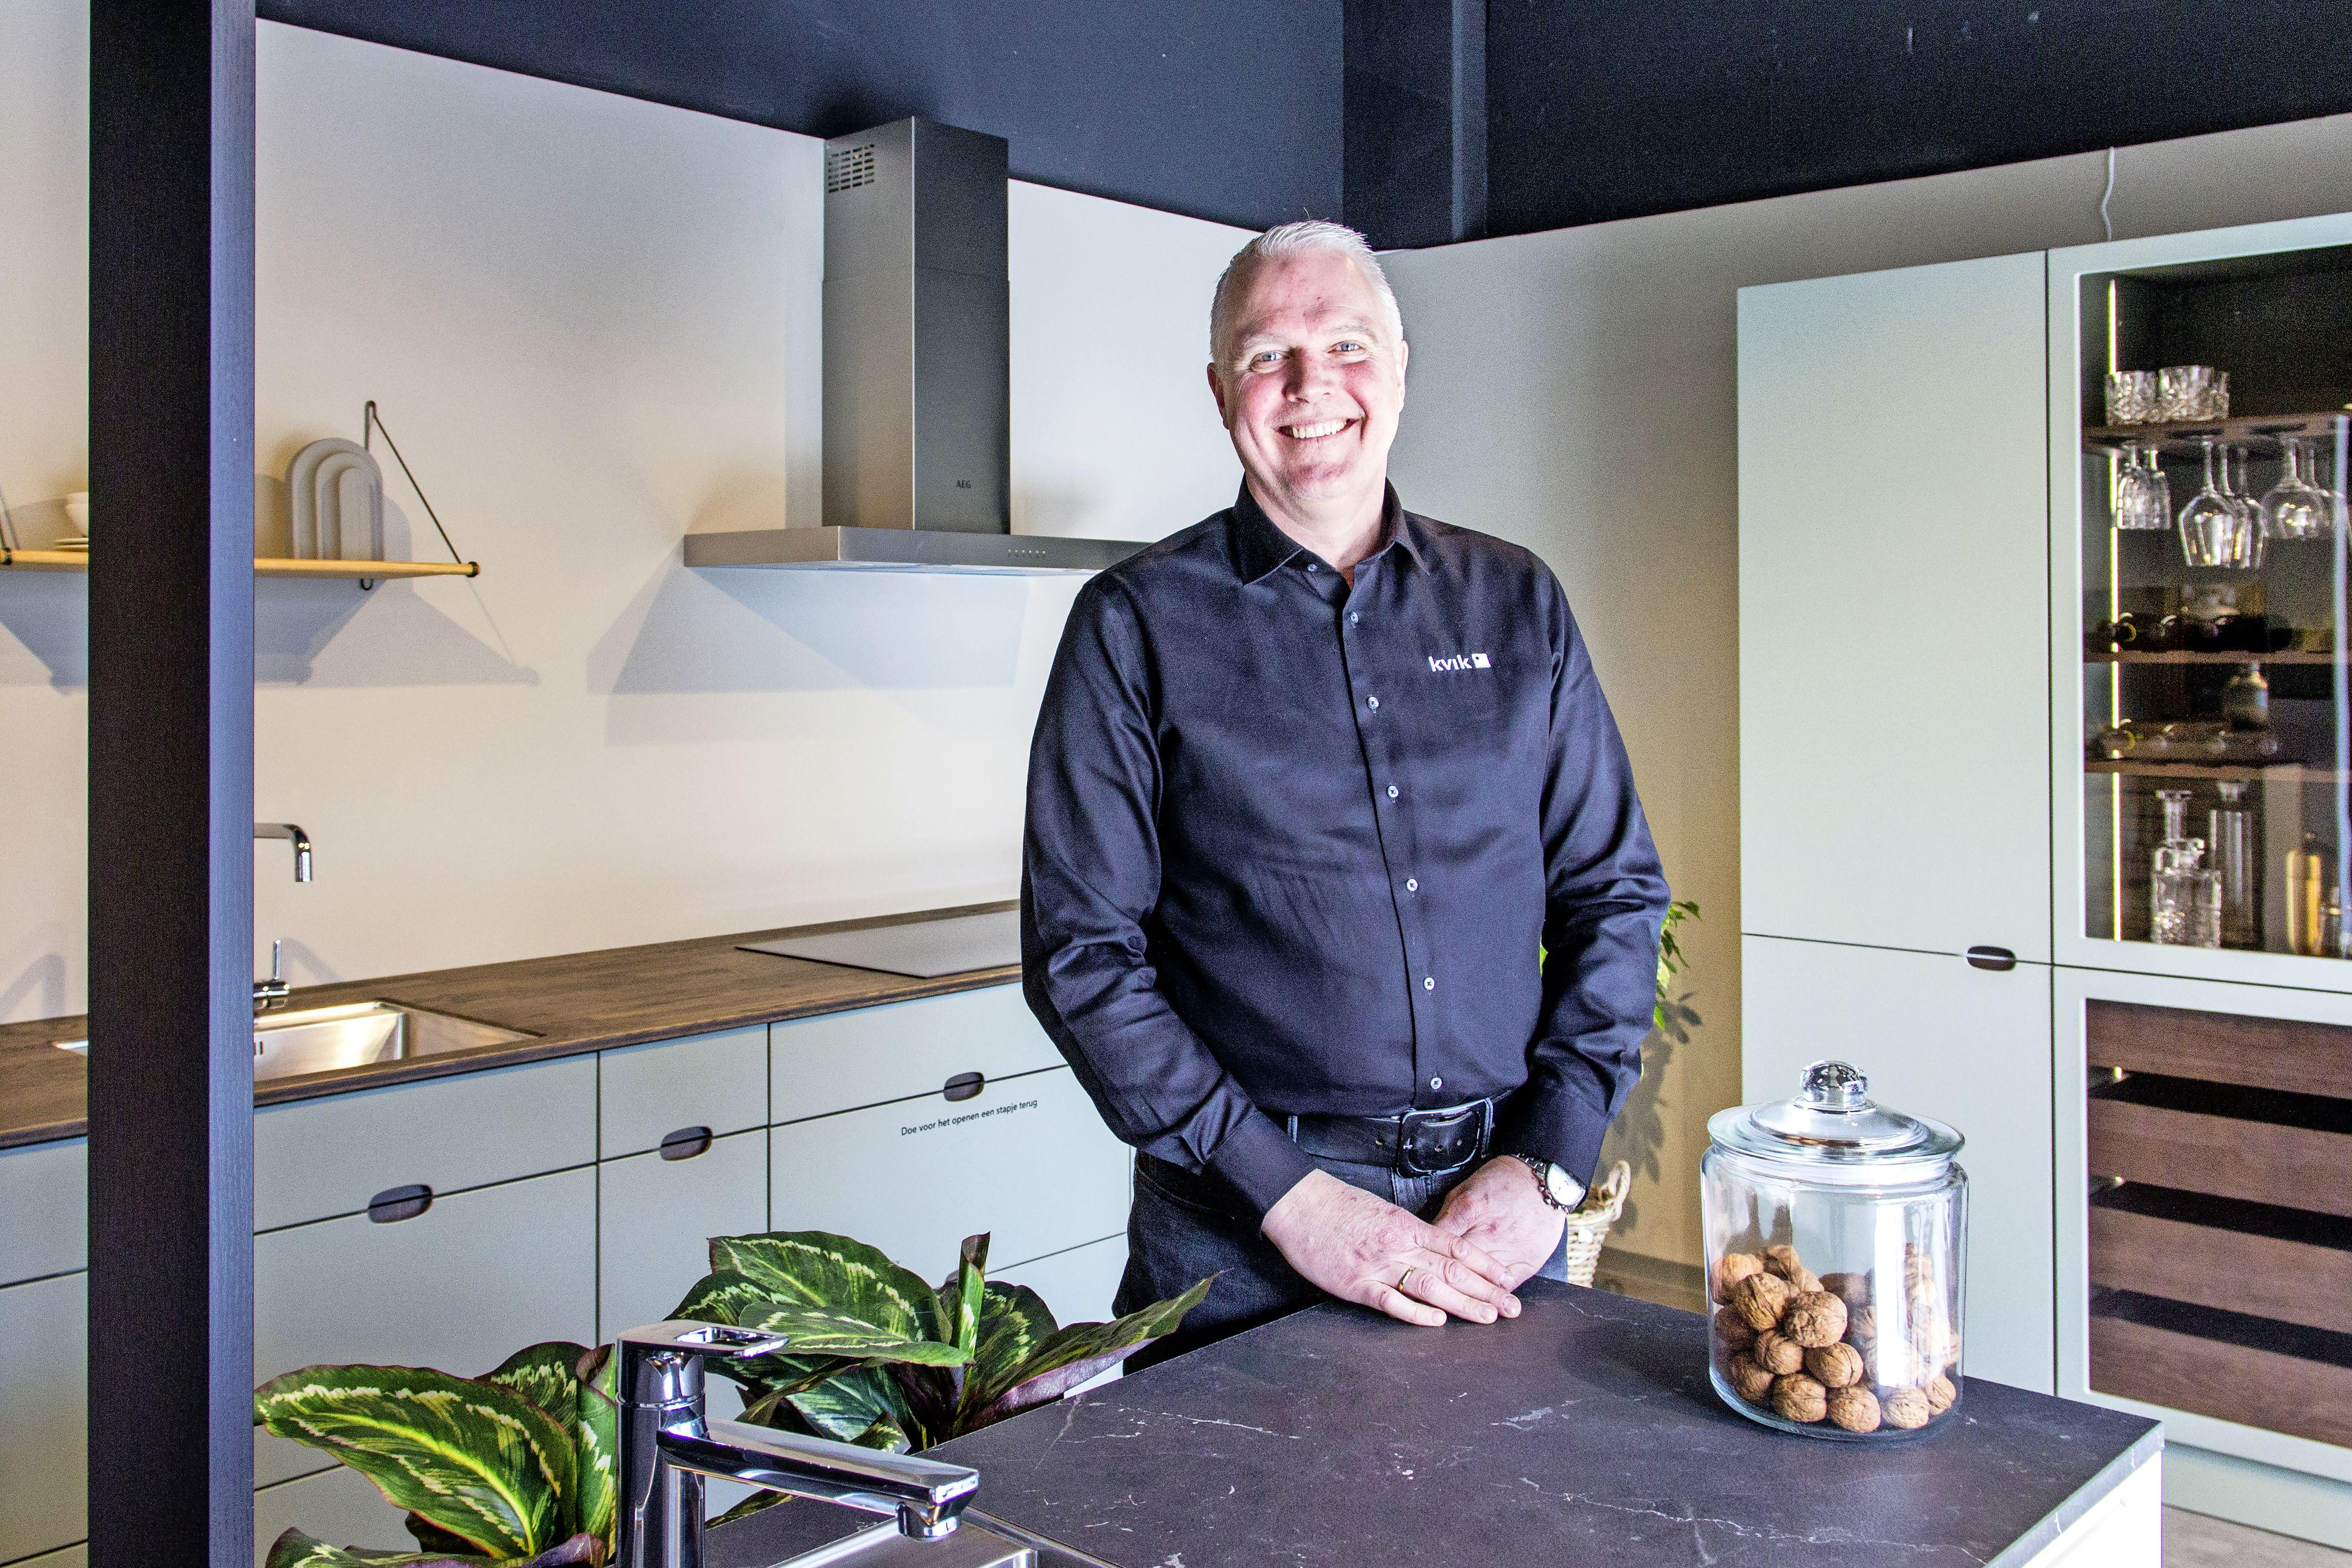 Autoverkoper Wilco Daman handelt nu in keukens: 'Ik wist alleen hoe een tostiapparaat werkt'